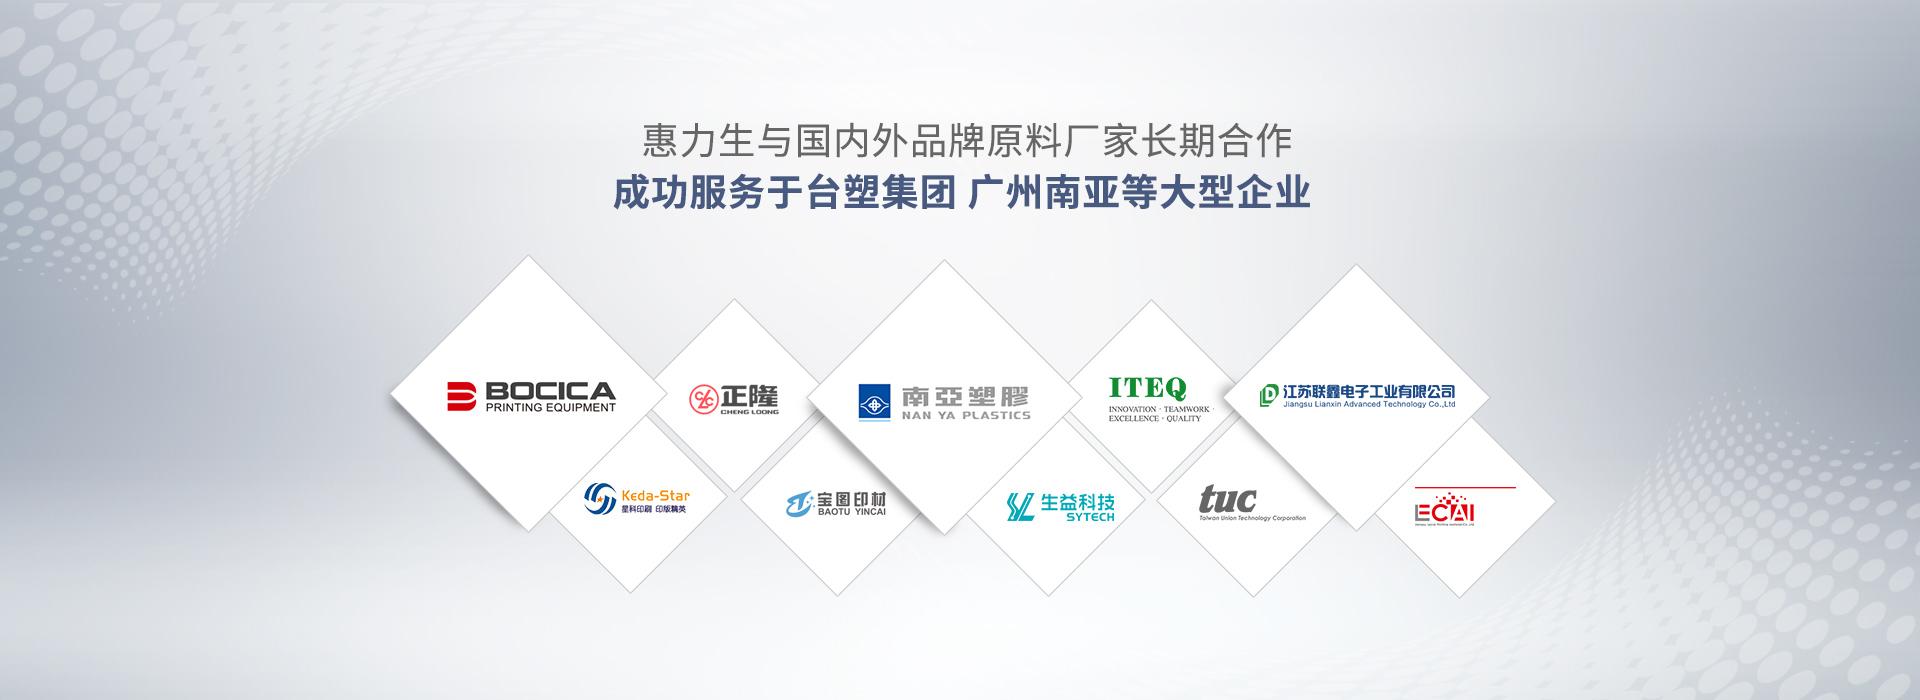 惠力生与国内外品牌原料厂家长期合作 成功服务于台塑集团、广州南亚等大型企业